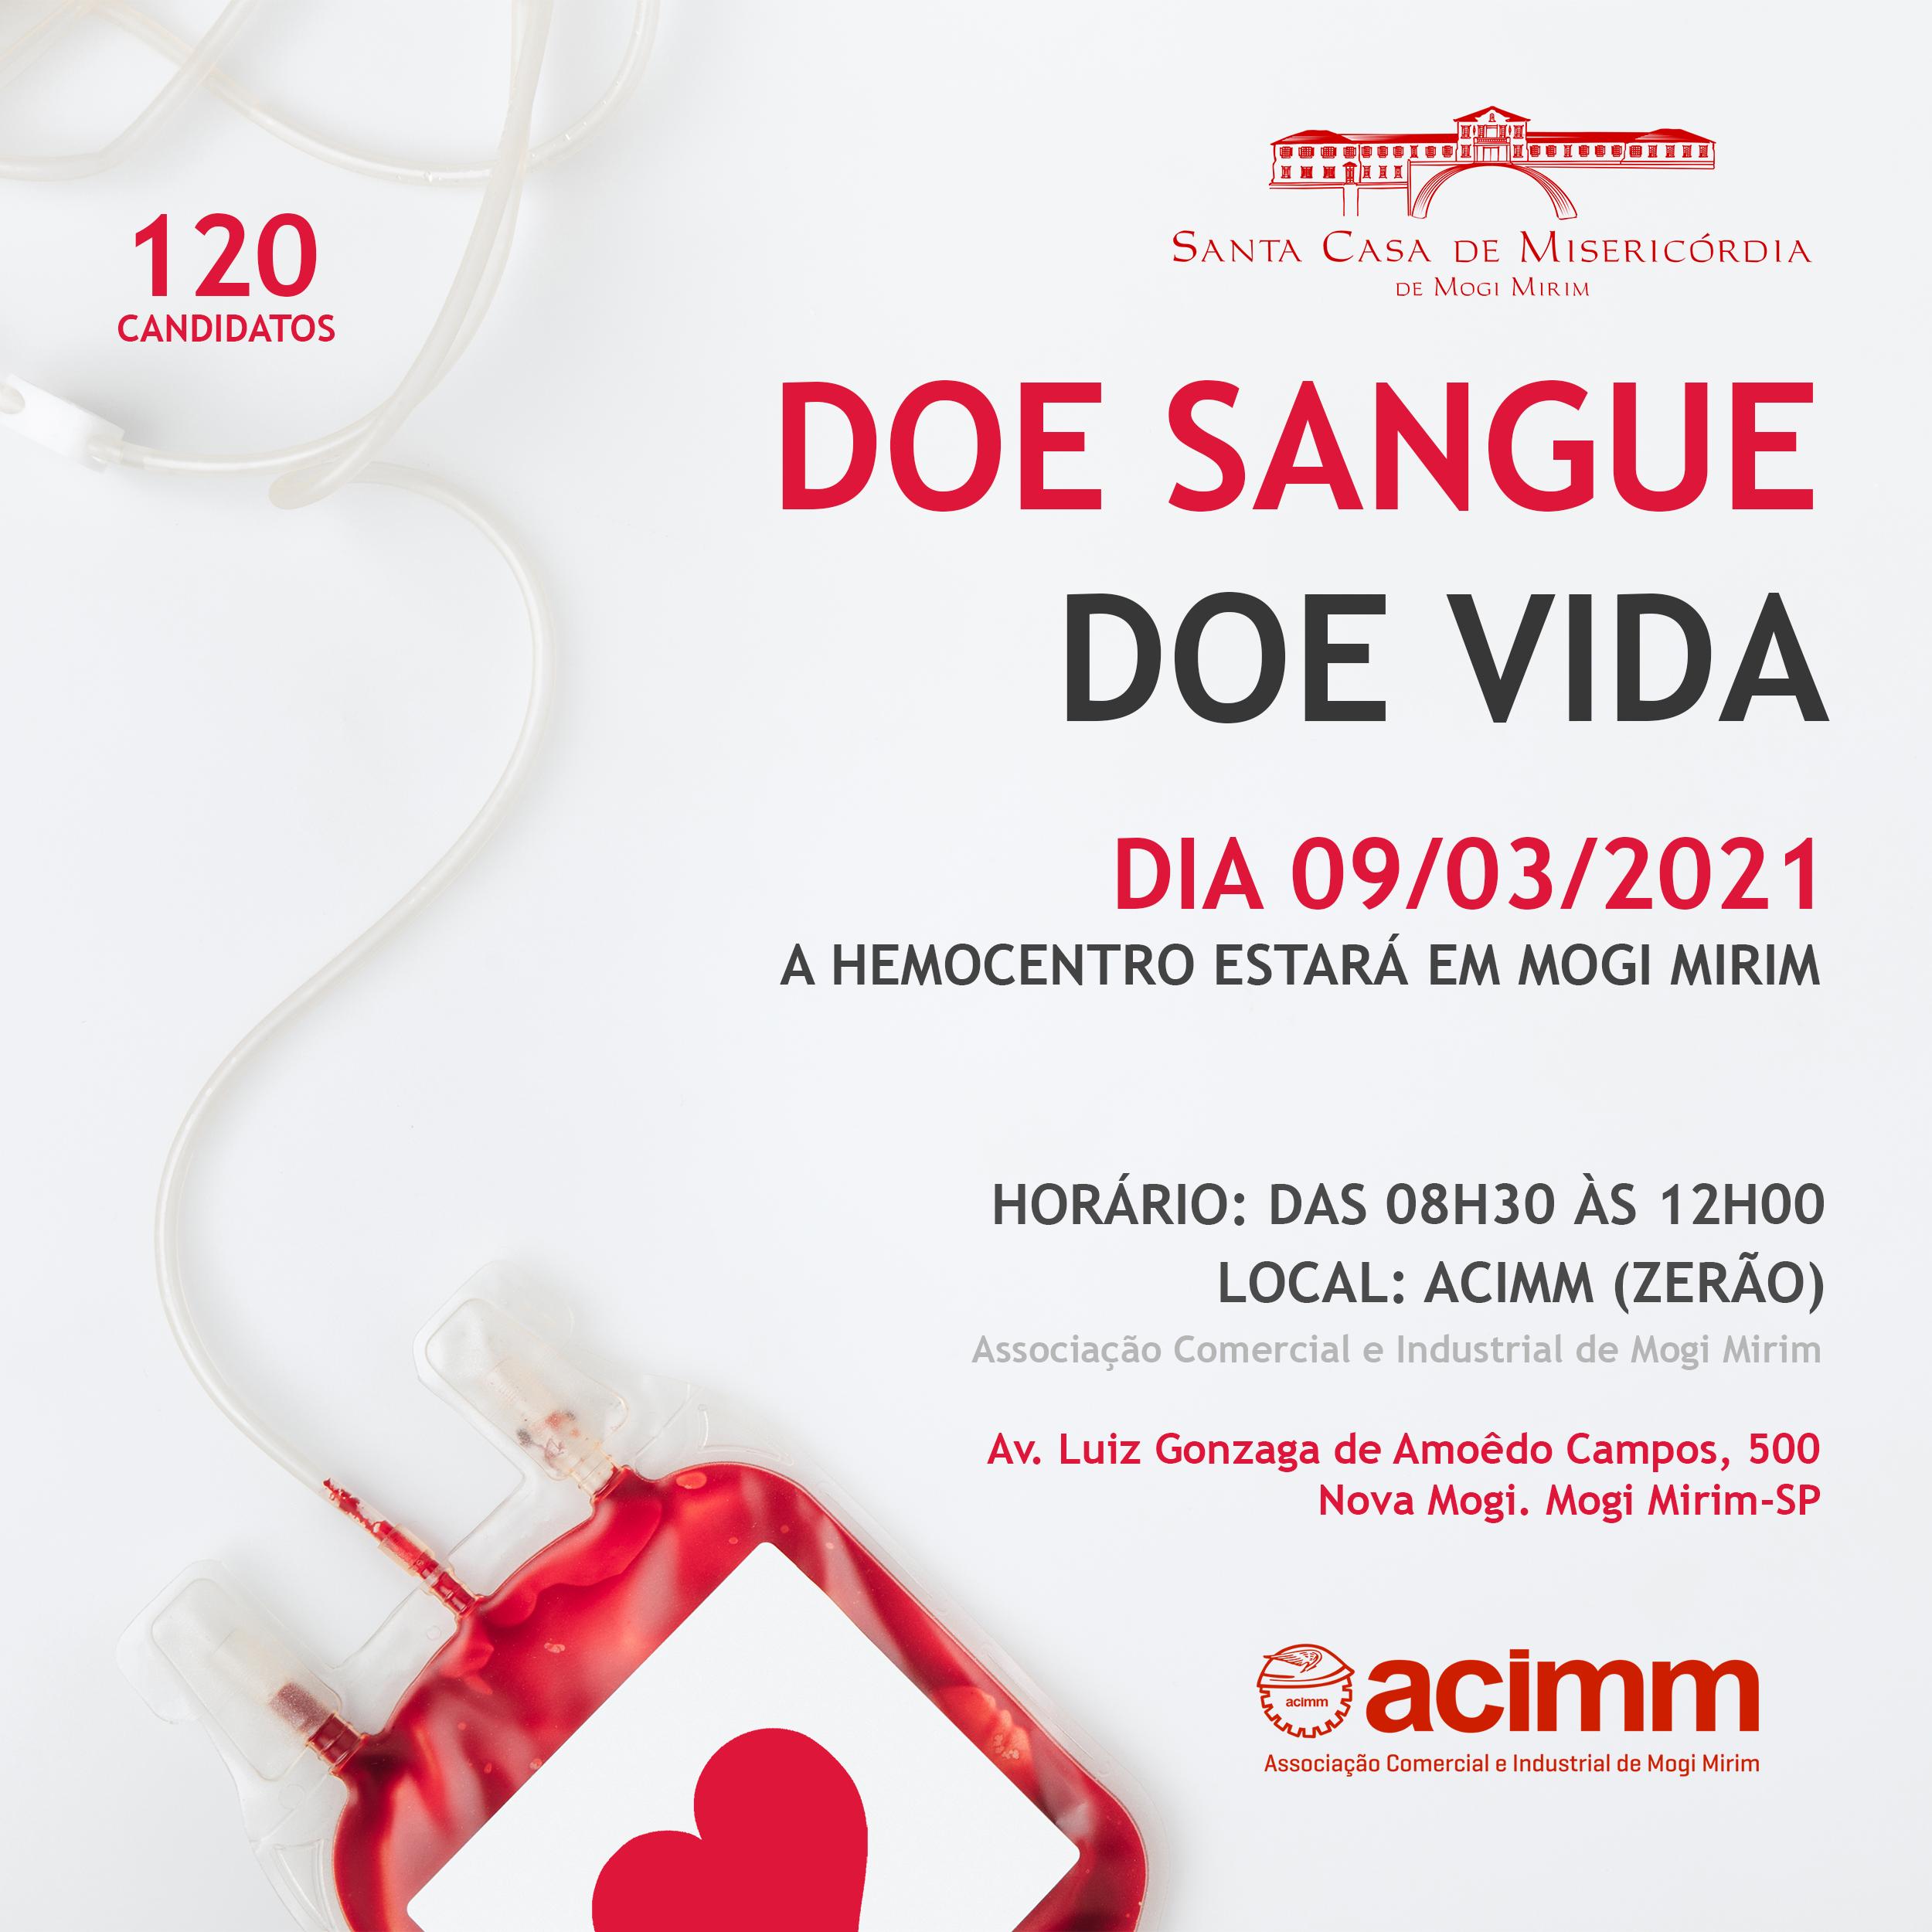 DOE-SANGUE-2021